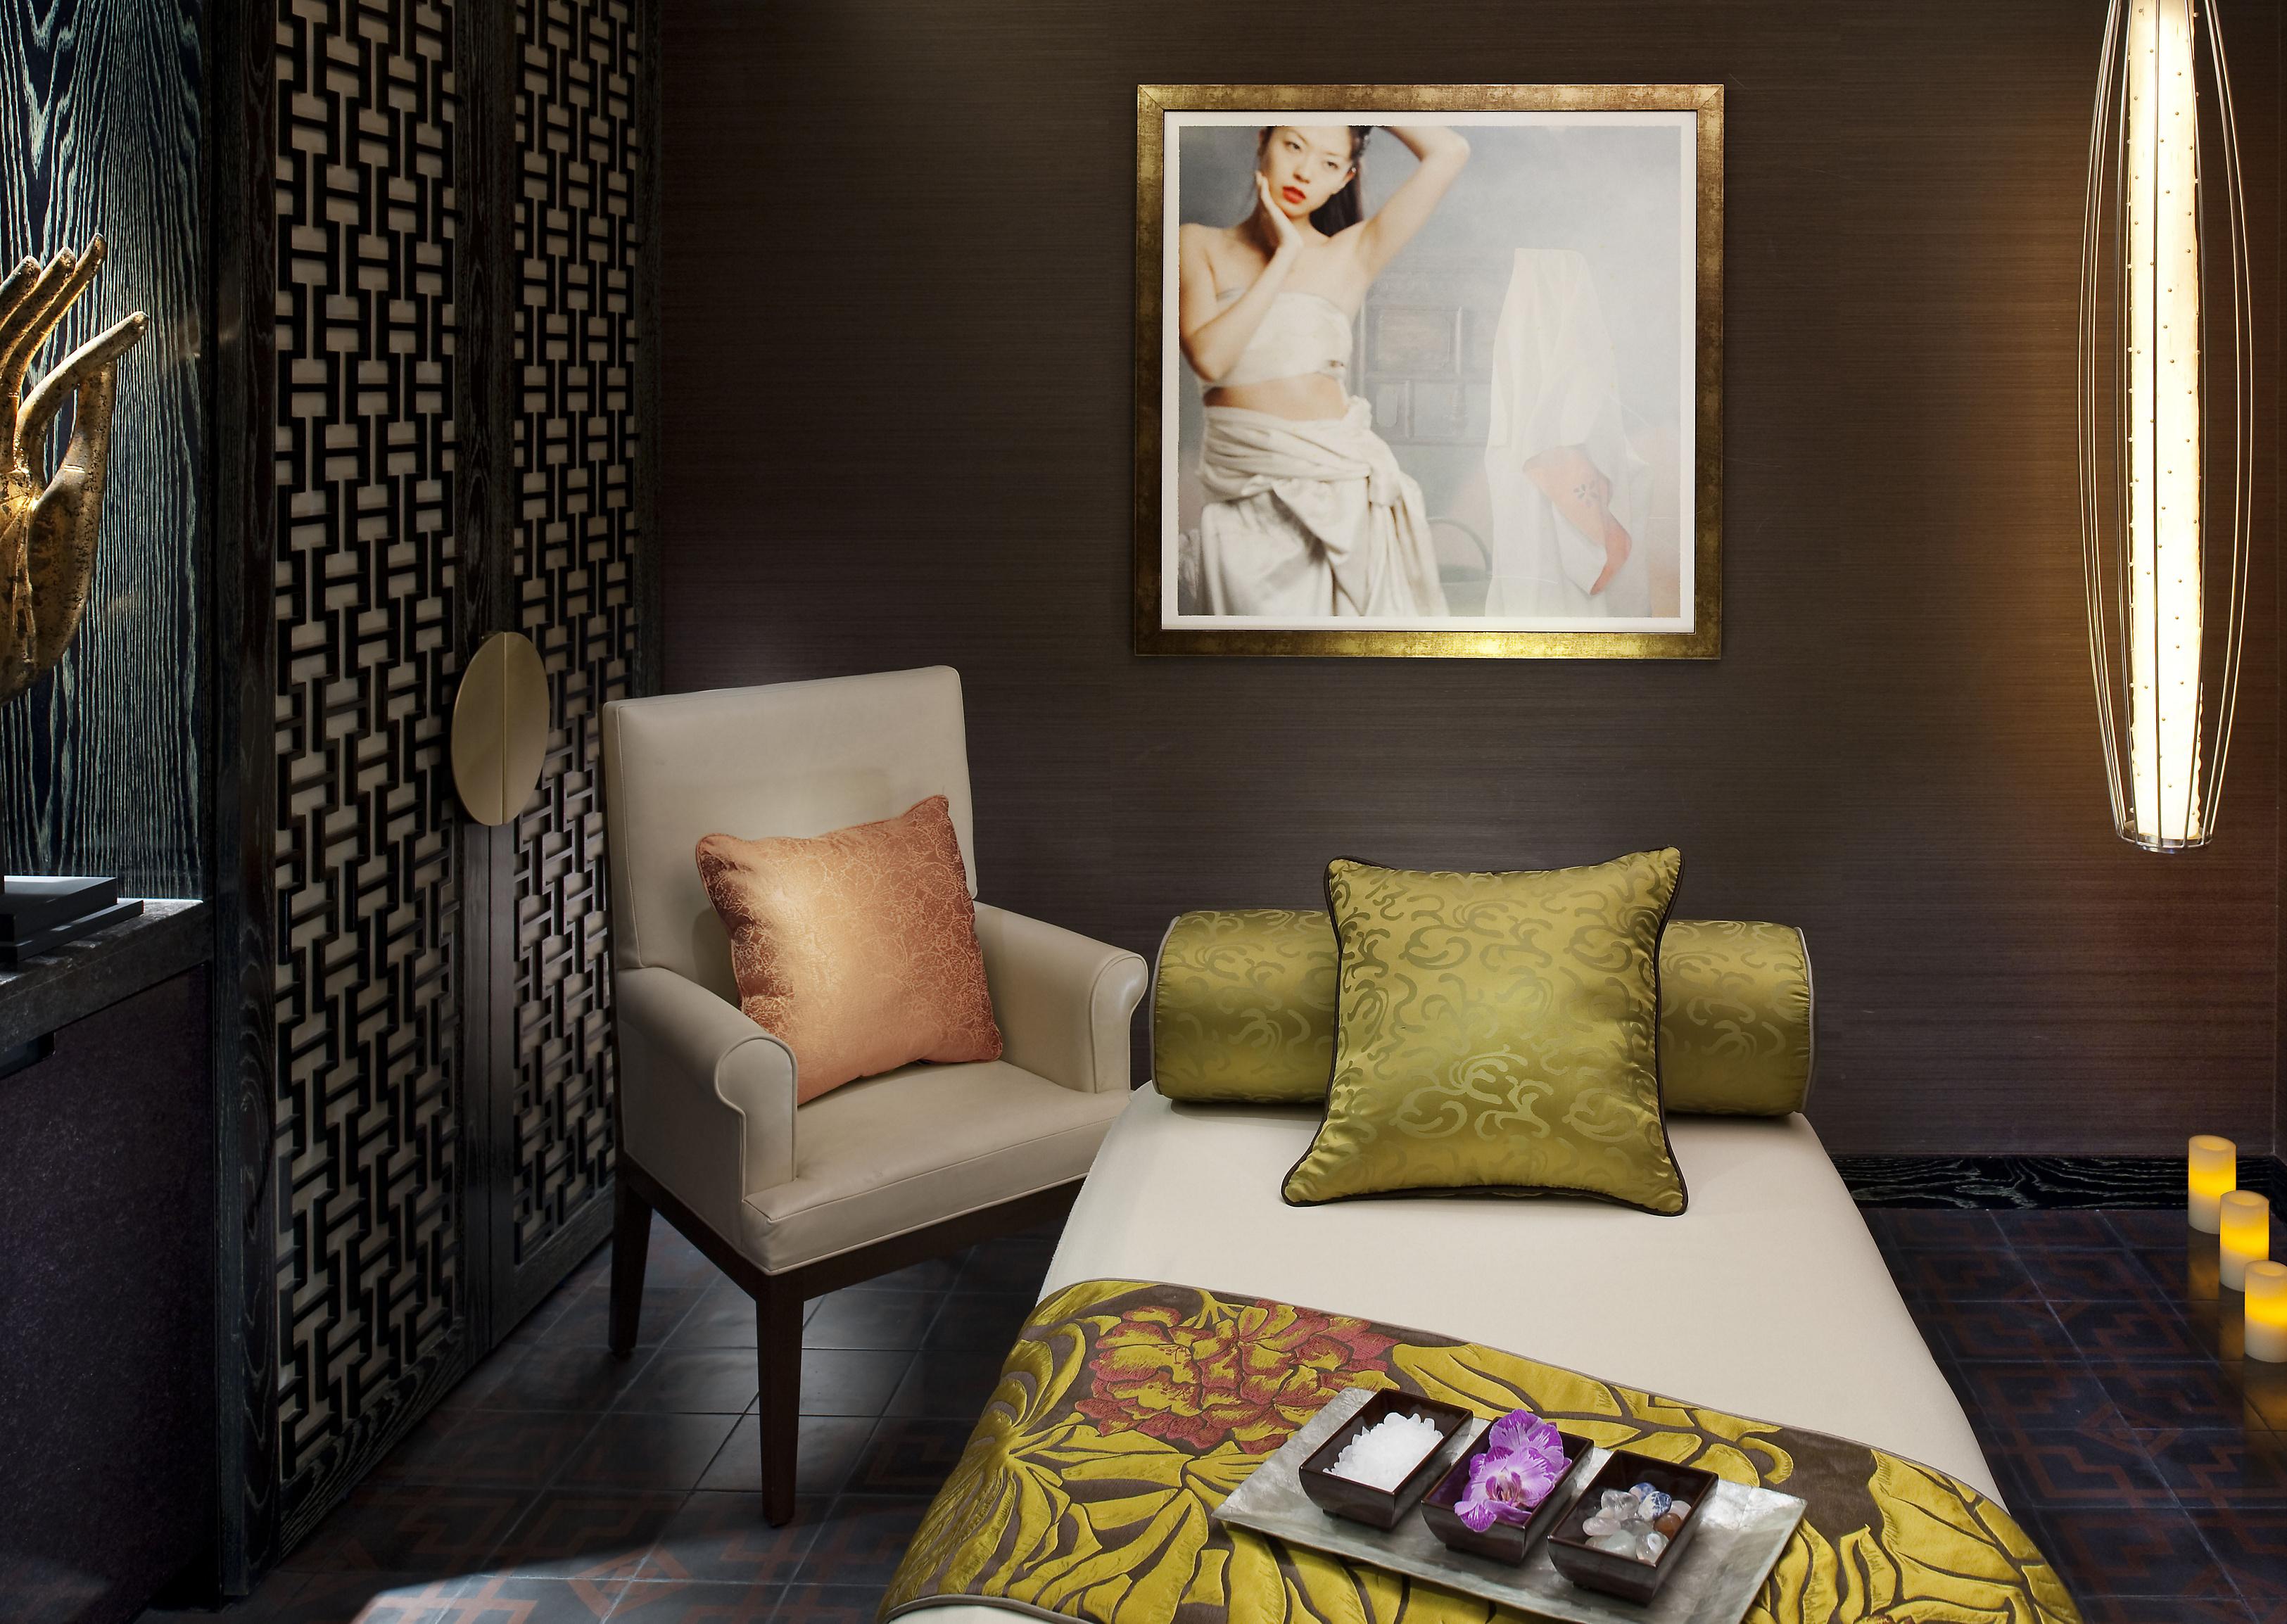 las-vegas-spa-private-suite-1